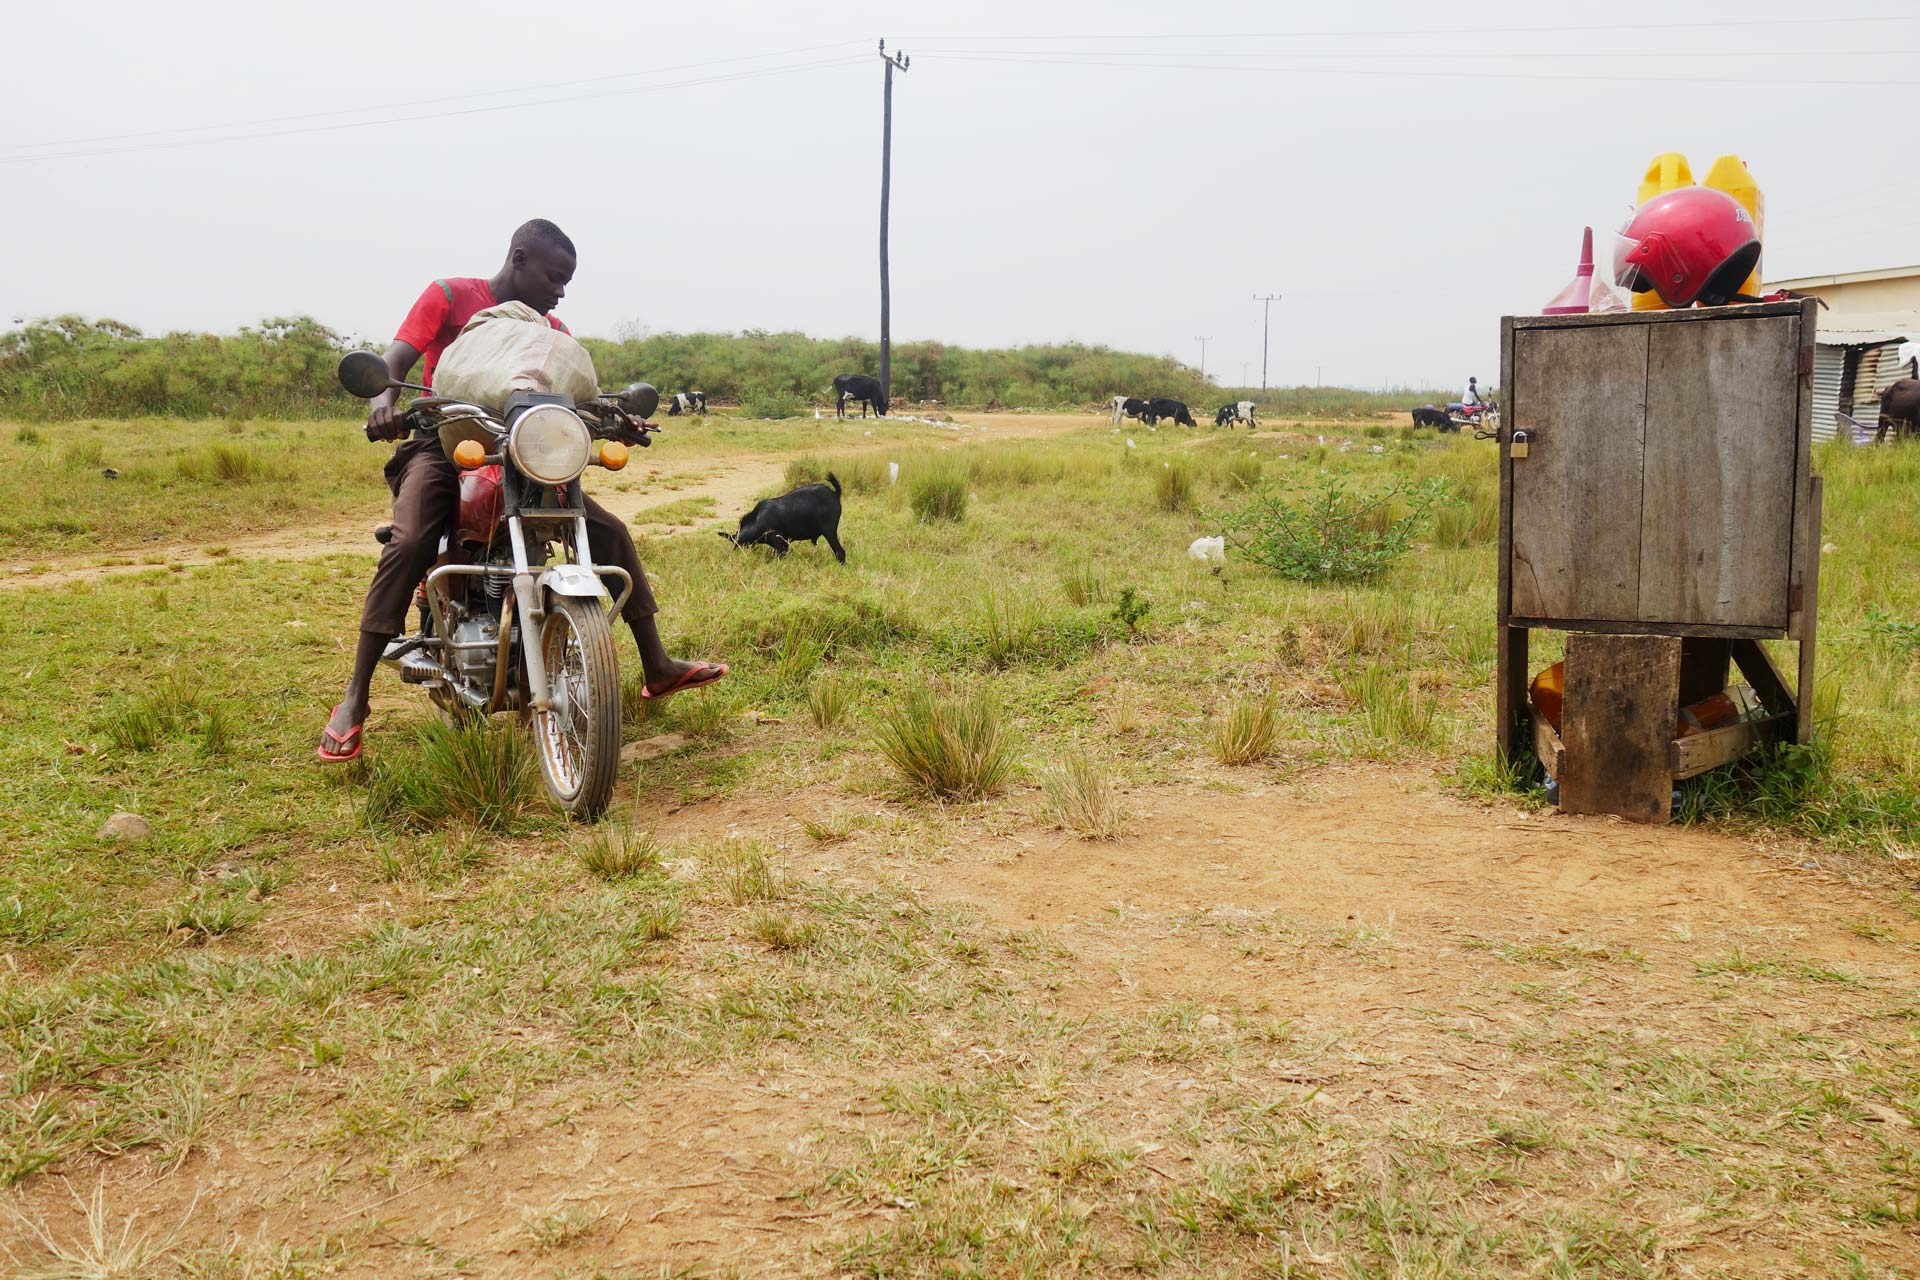 Boda Boda Uganda